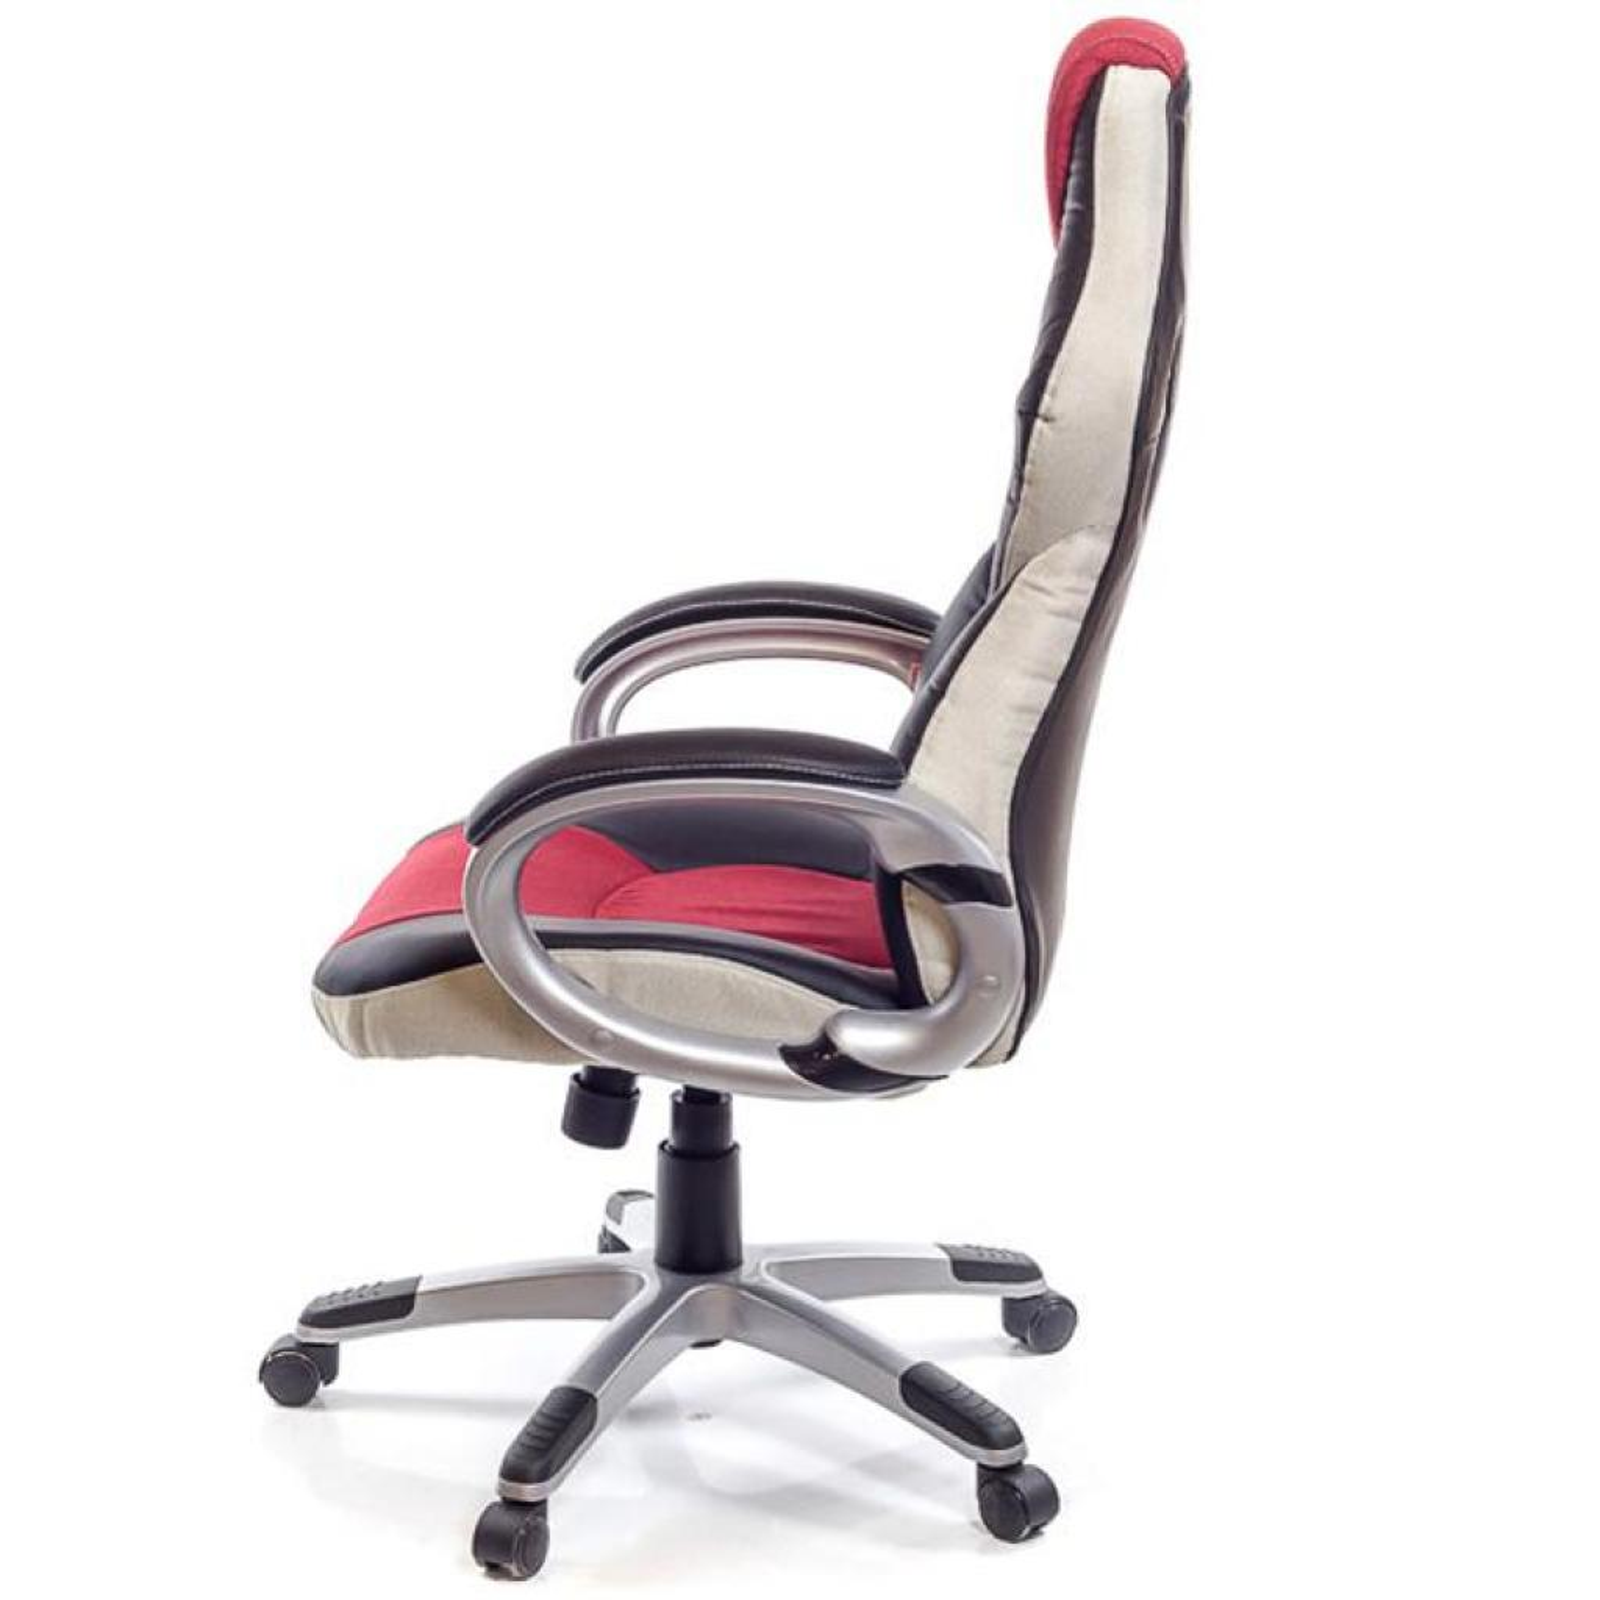 Кресло игровое АКЛАС Антарес PL TILT Красное (07255) изображение 3